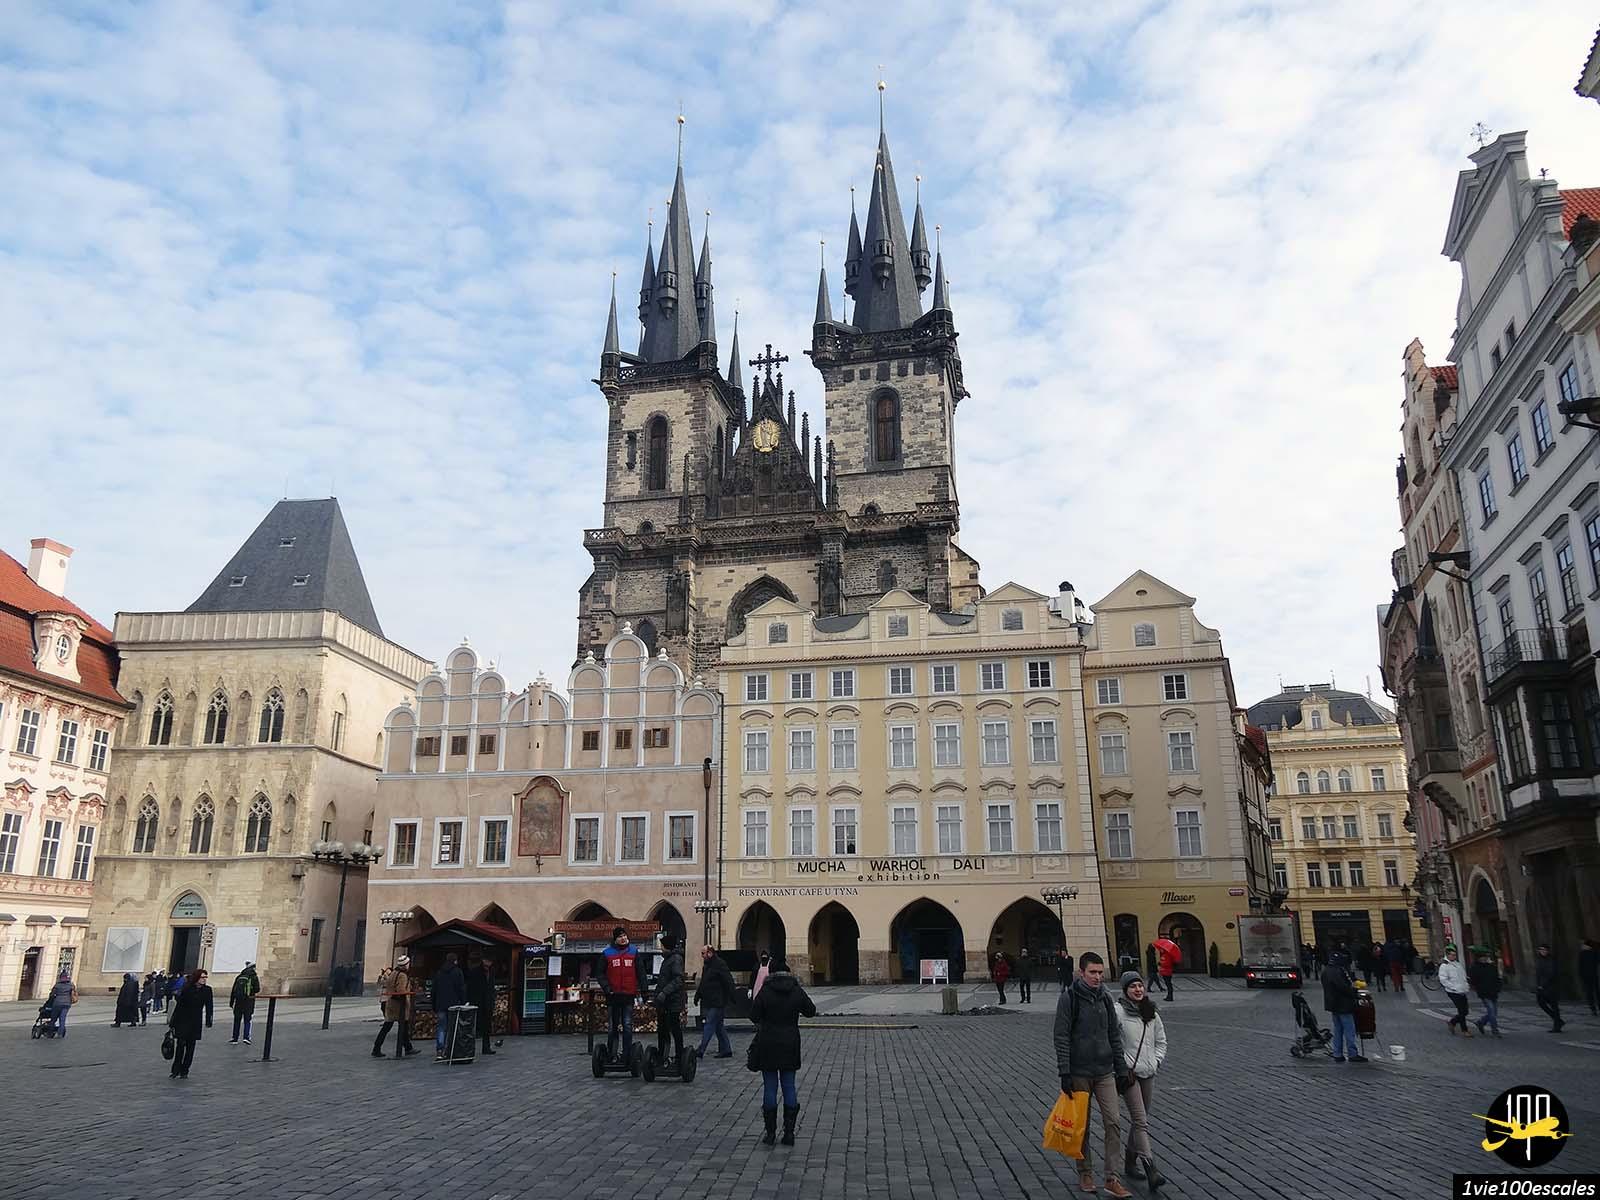 Escale #074 Prague